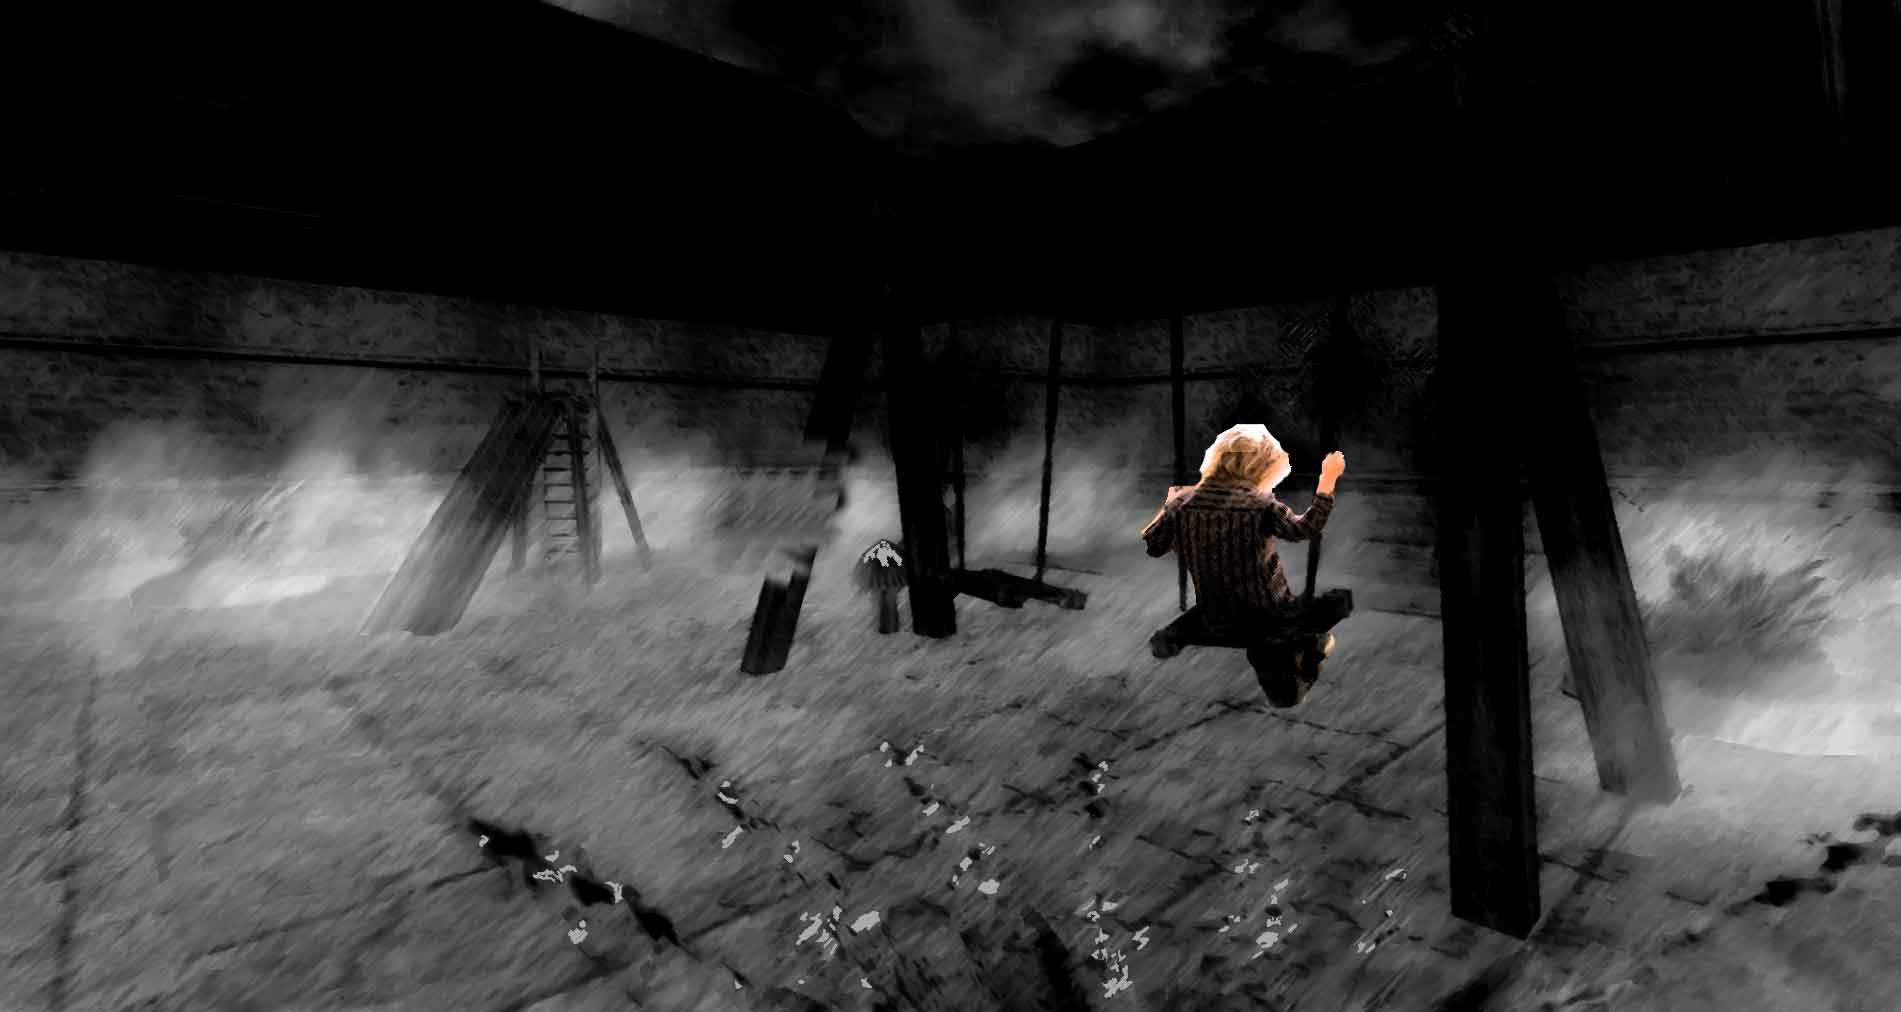 1CreepyPlayground-Scene-1.jpg